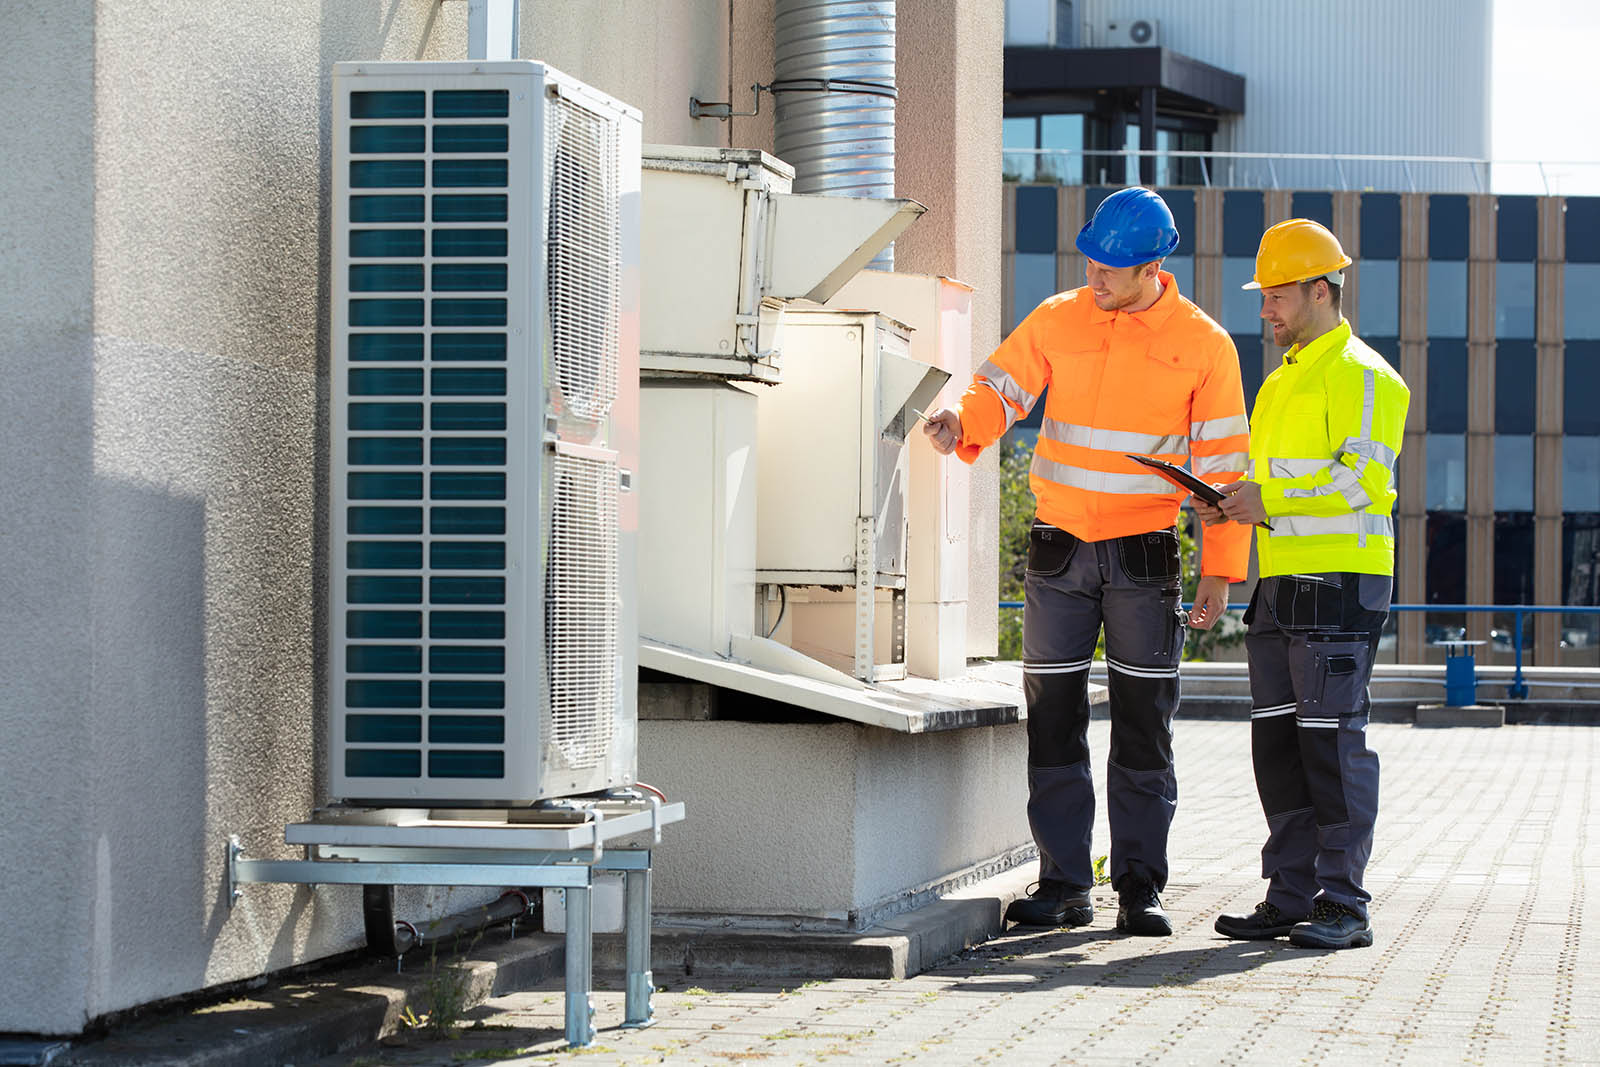 Vi är godkända att utföra OVK-besiktning i Göteborg. Kontakta oss för OVK-besiktning i Göteborg samt ventilation i Göteborg.